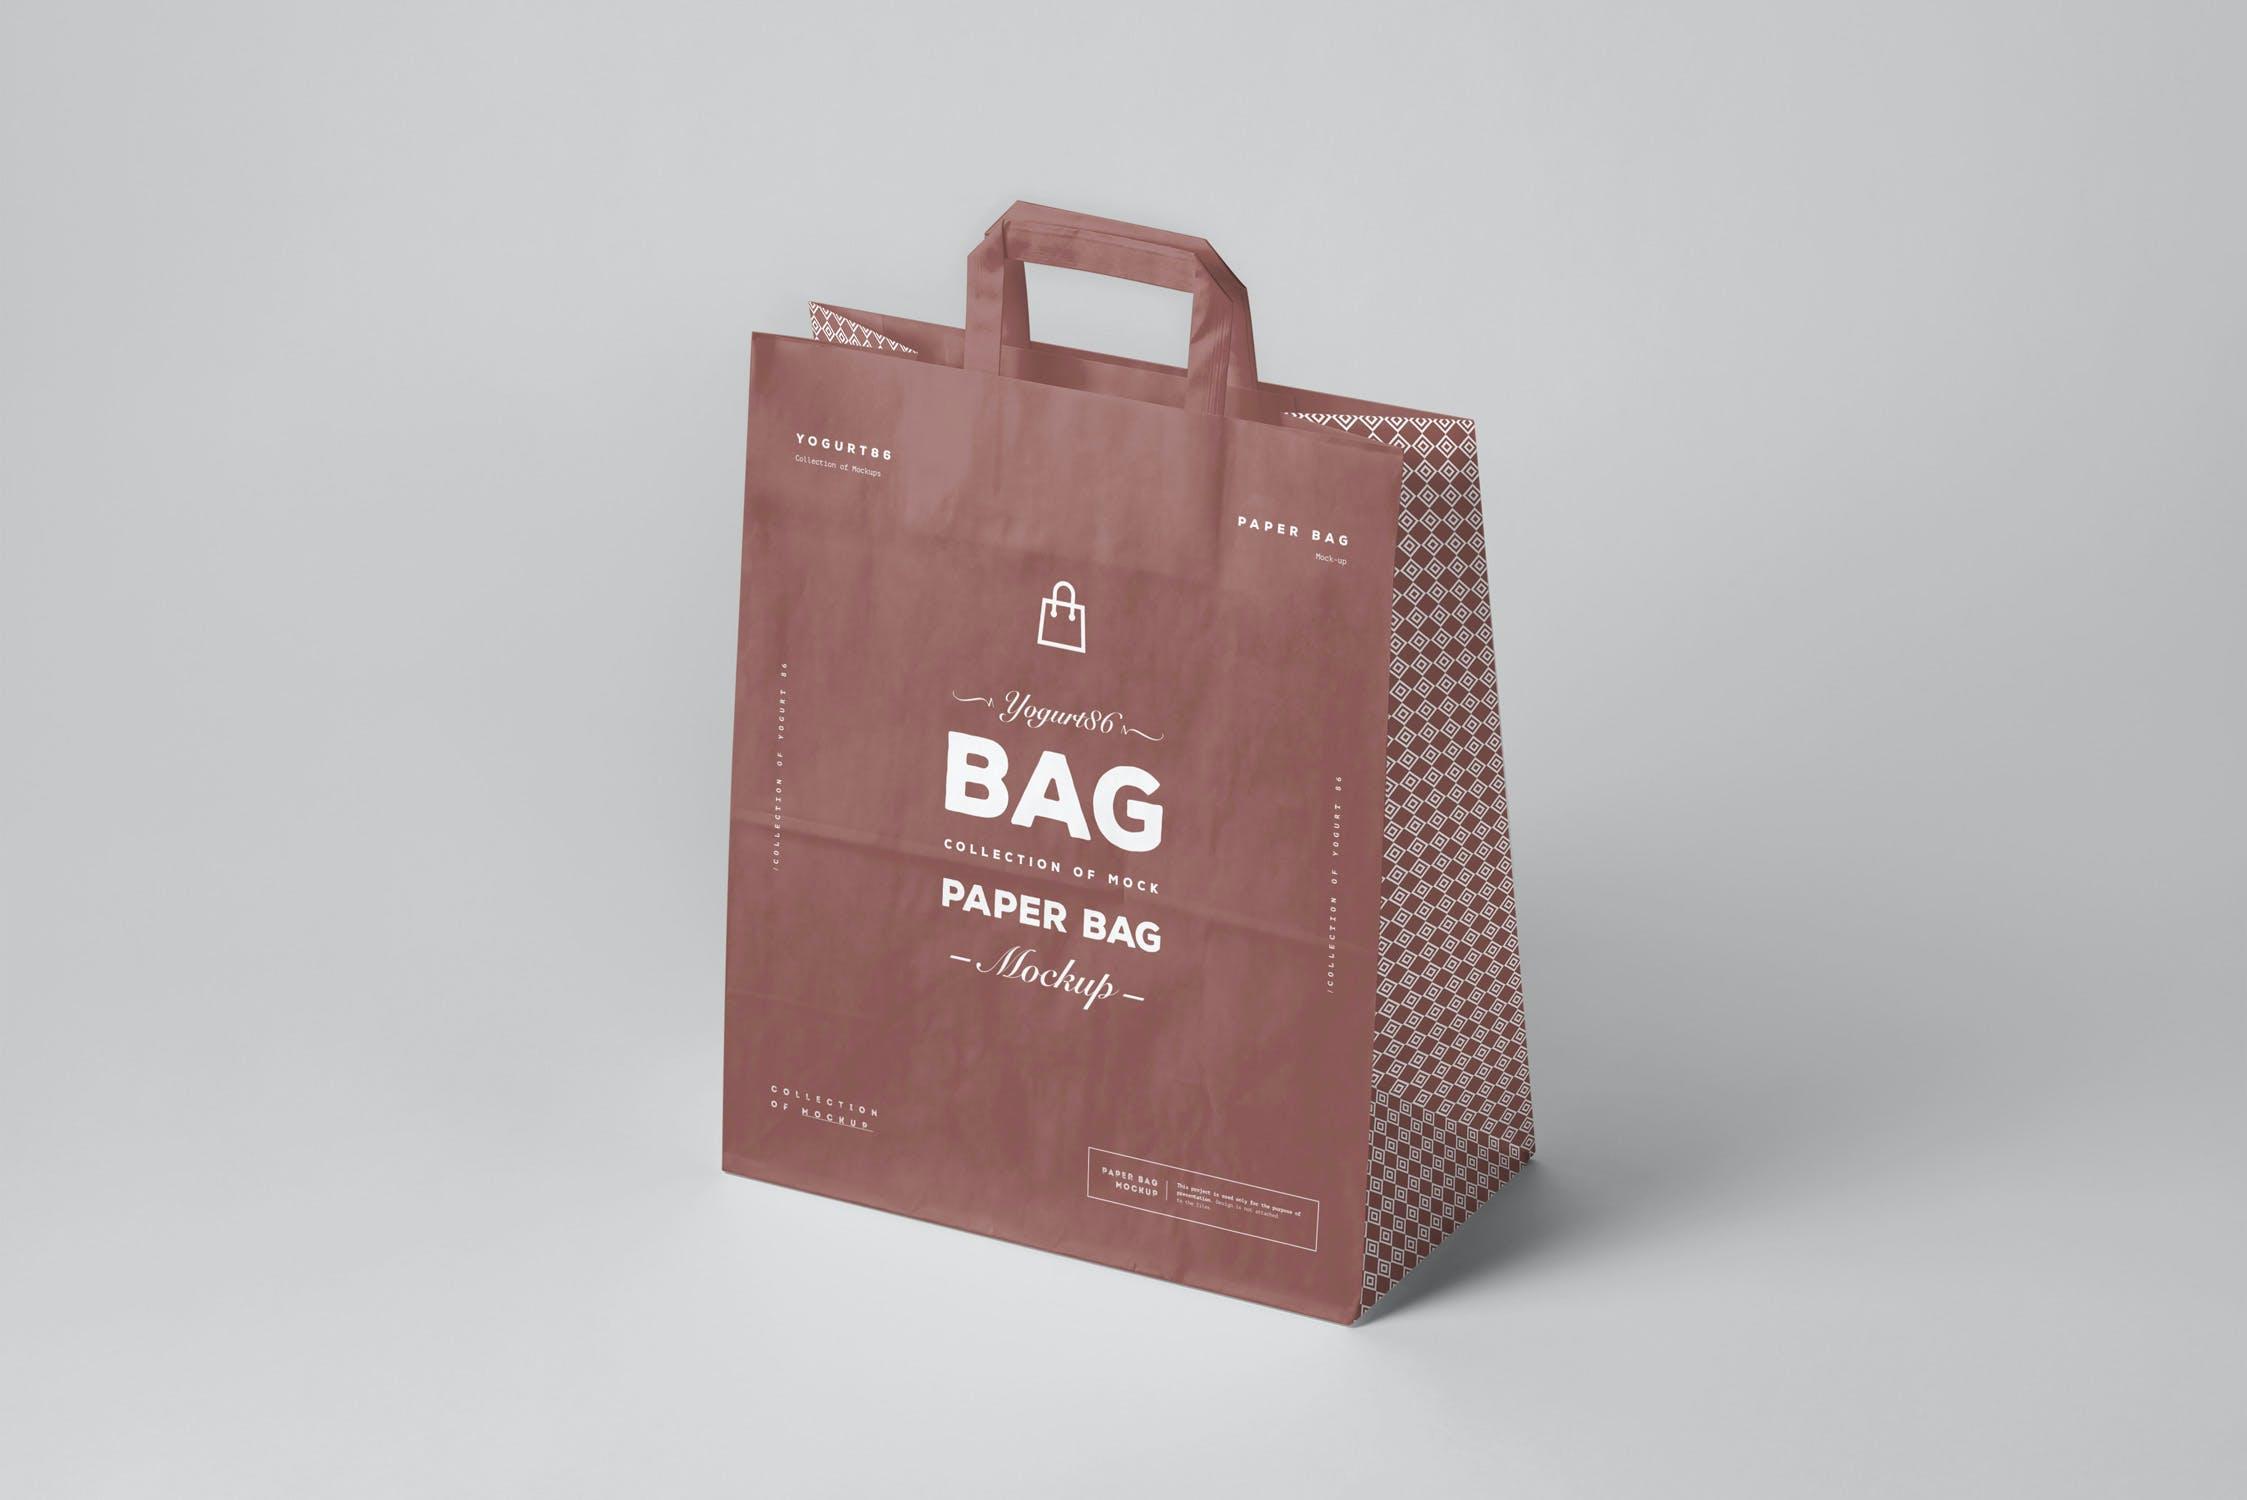 11款商城购物手提纸袋设计展示样机 Paper Bag Mockup 3插图(3)